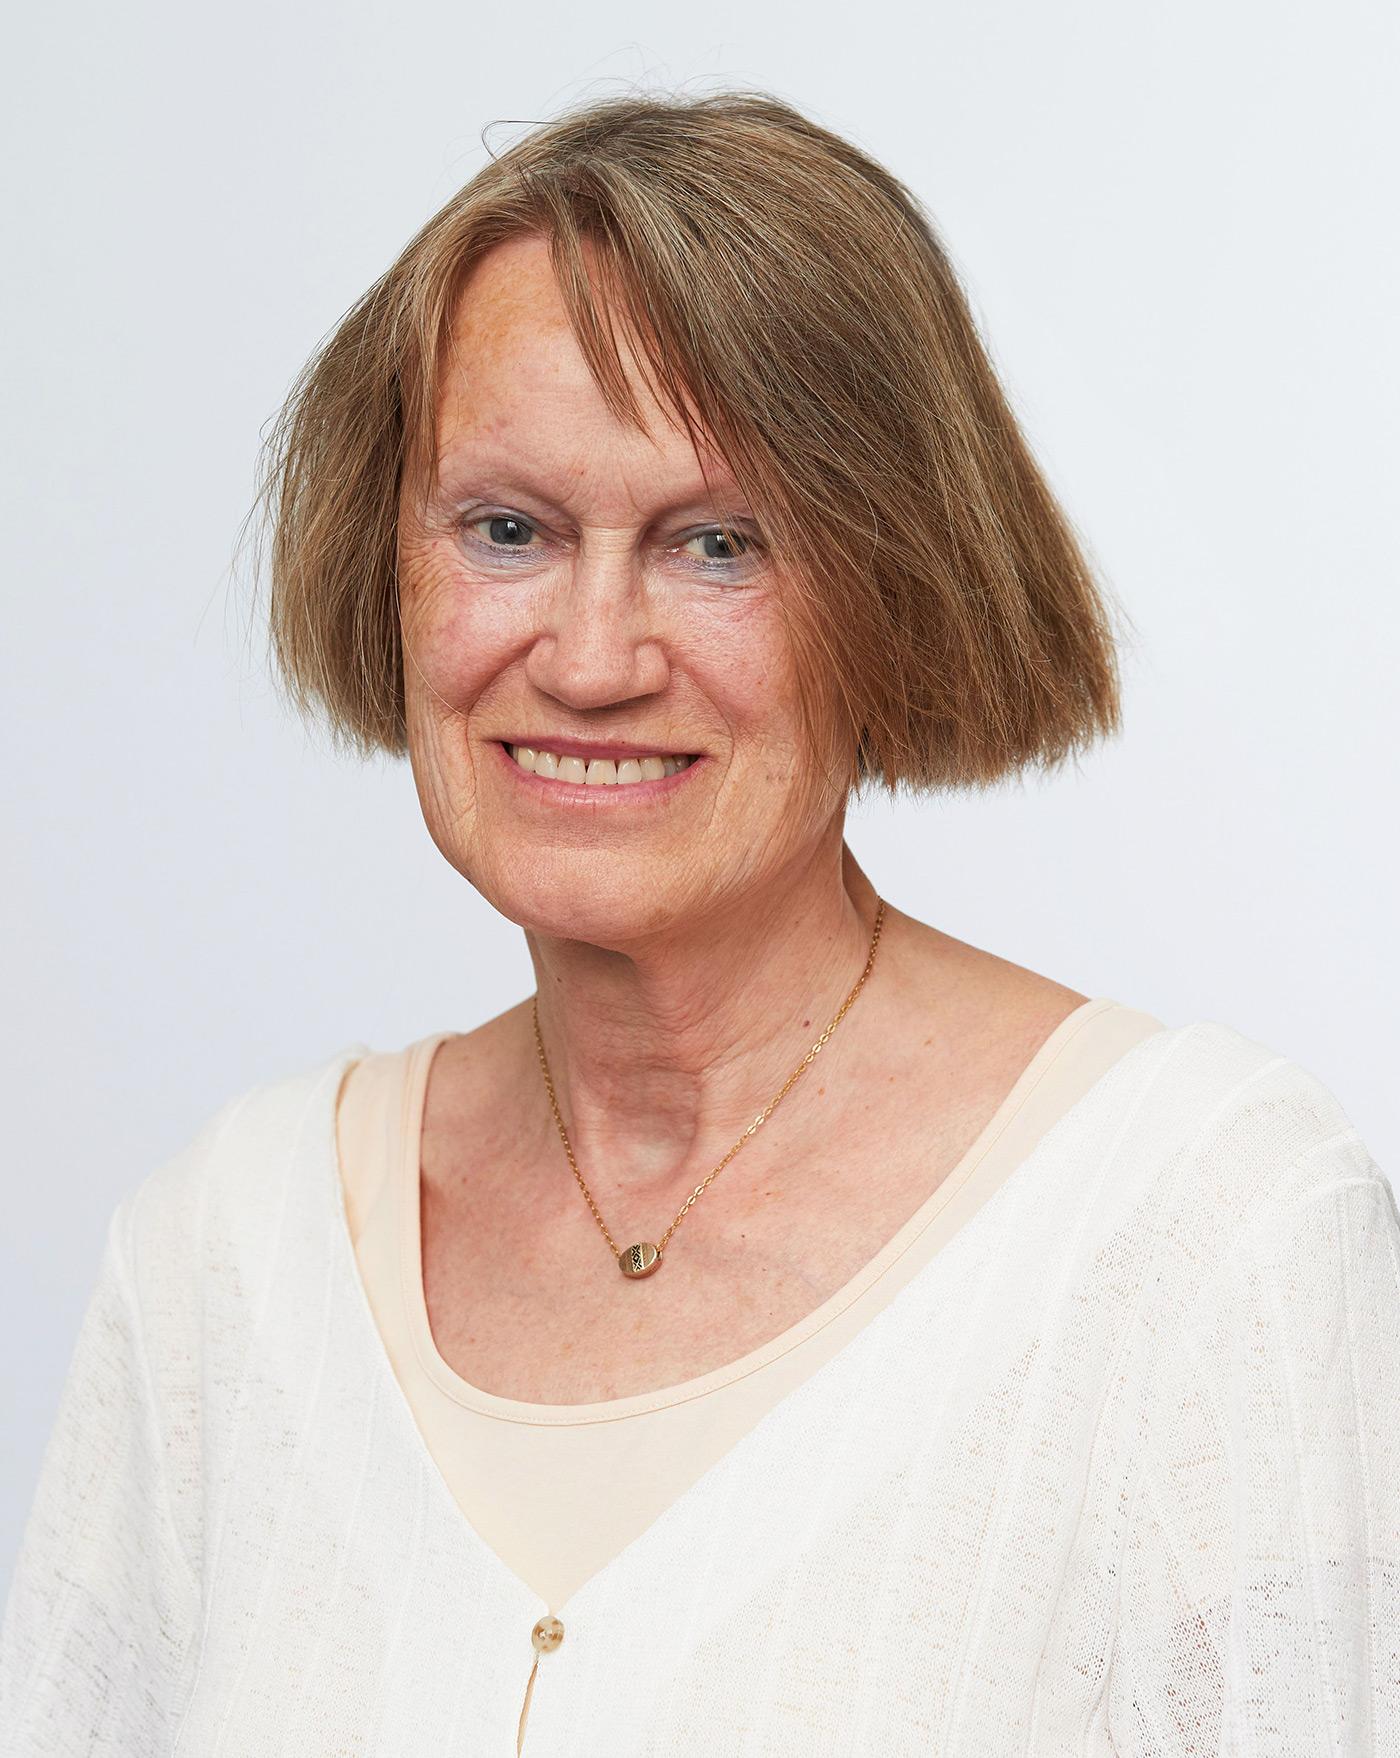 Anke Becker-Hülsemann